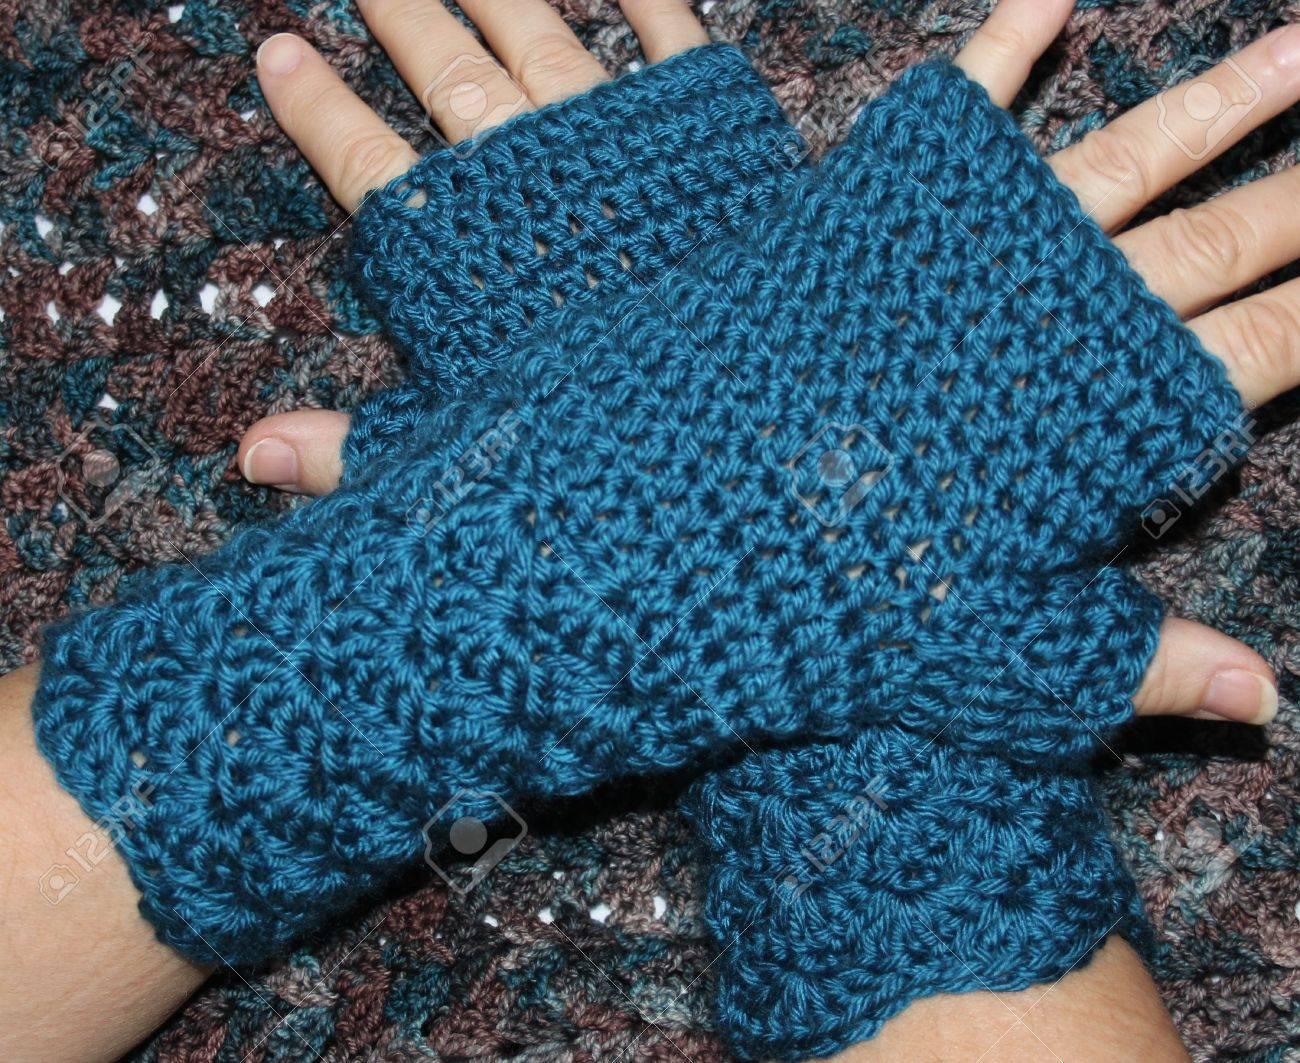 Deep Teal Blue Hand Crochet Fingerless Mittens Gloves Stock Photo